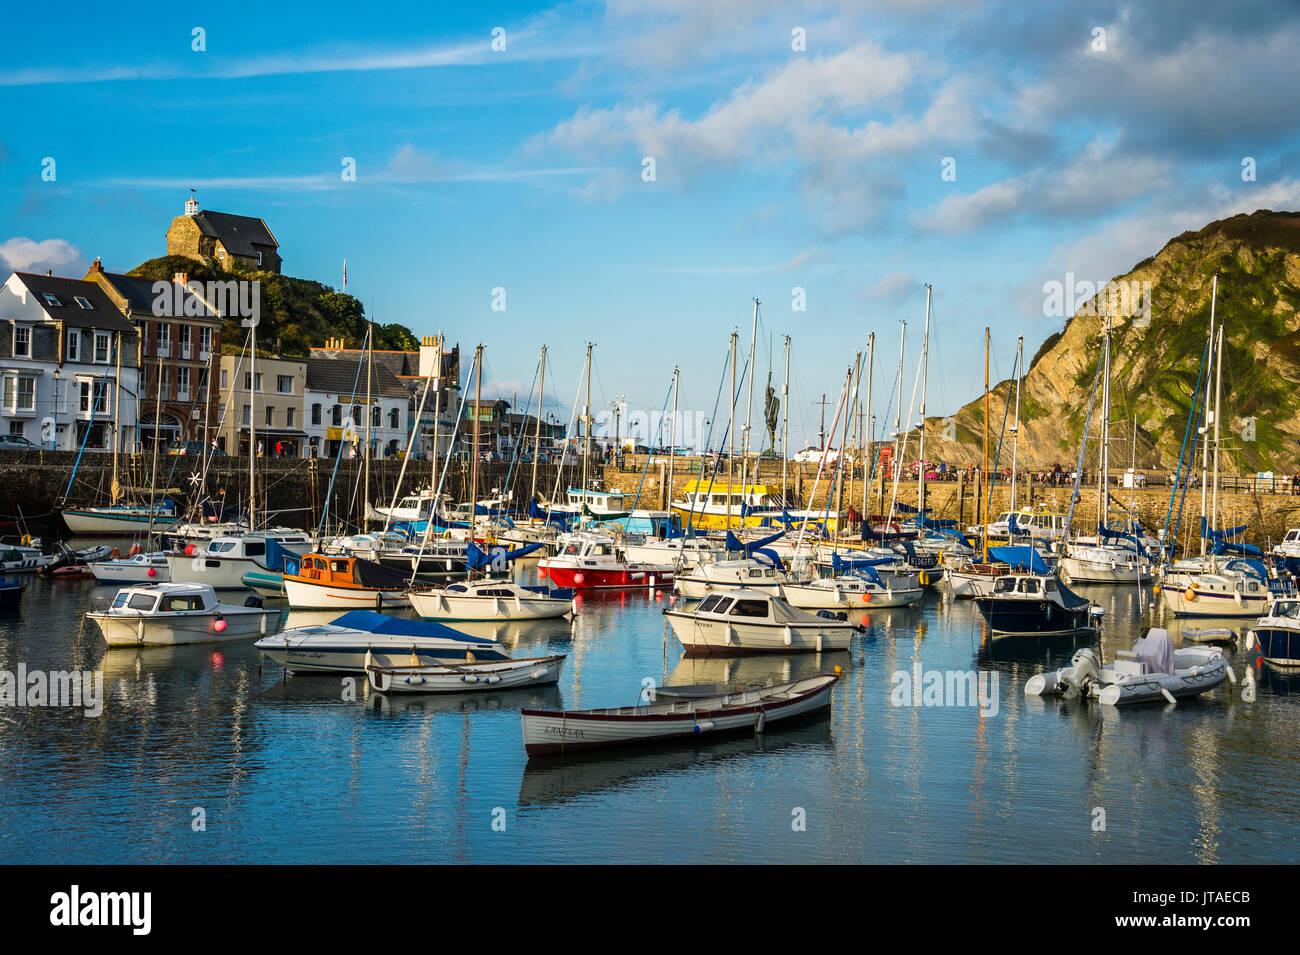 Yacht Hafen von Ifracombe, North Devon, England, Vereinigtes Königreich, Europa Stockbild